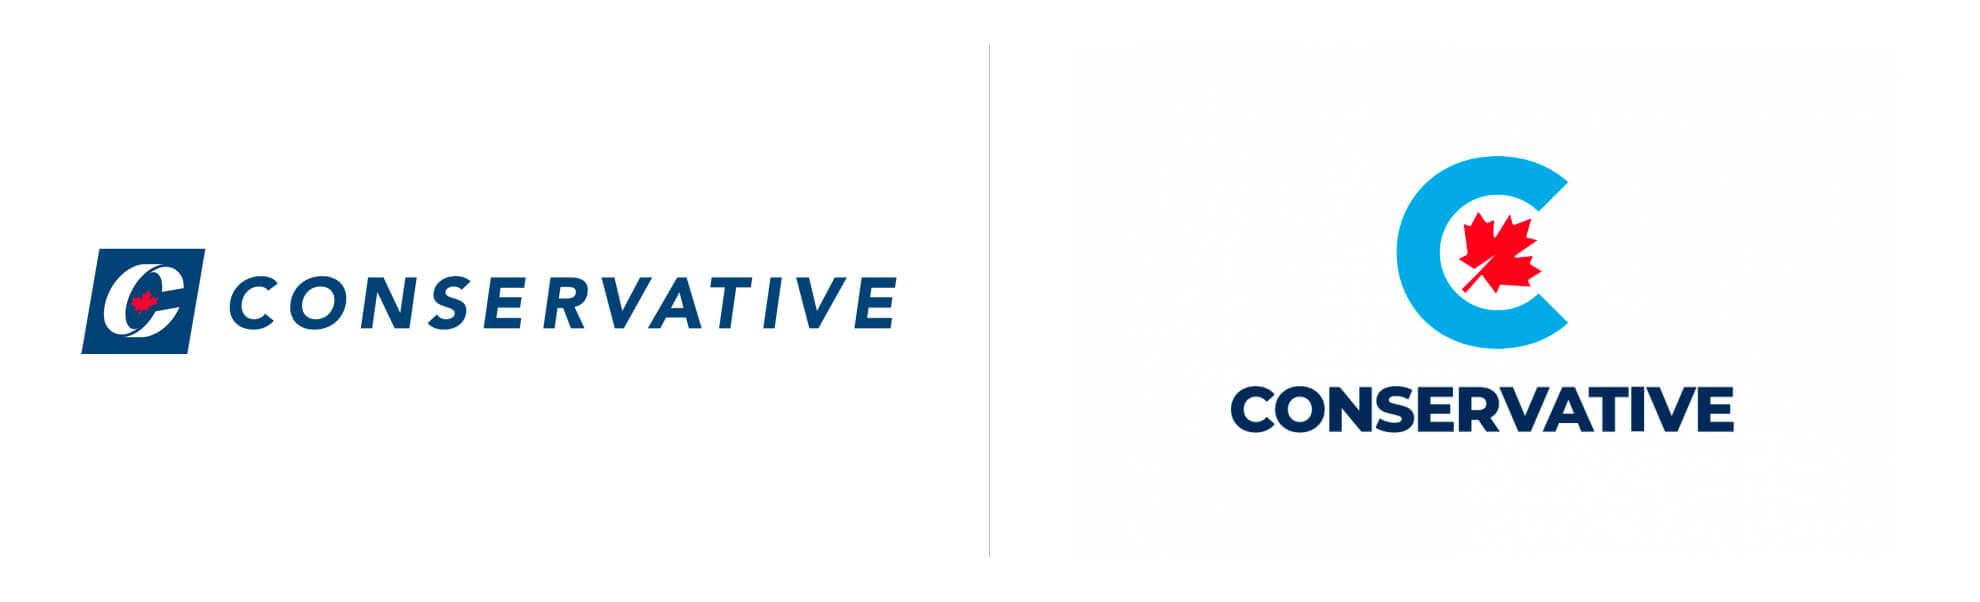 kanadyjska partia konserwatystów znowym logo